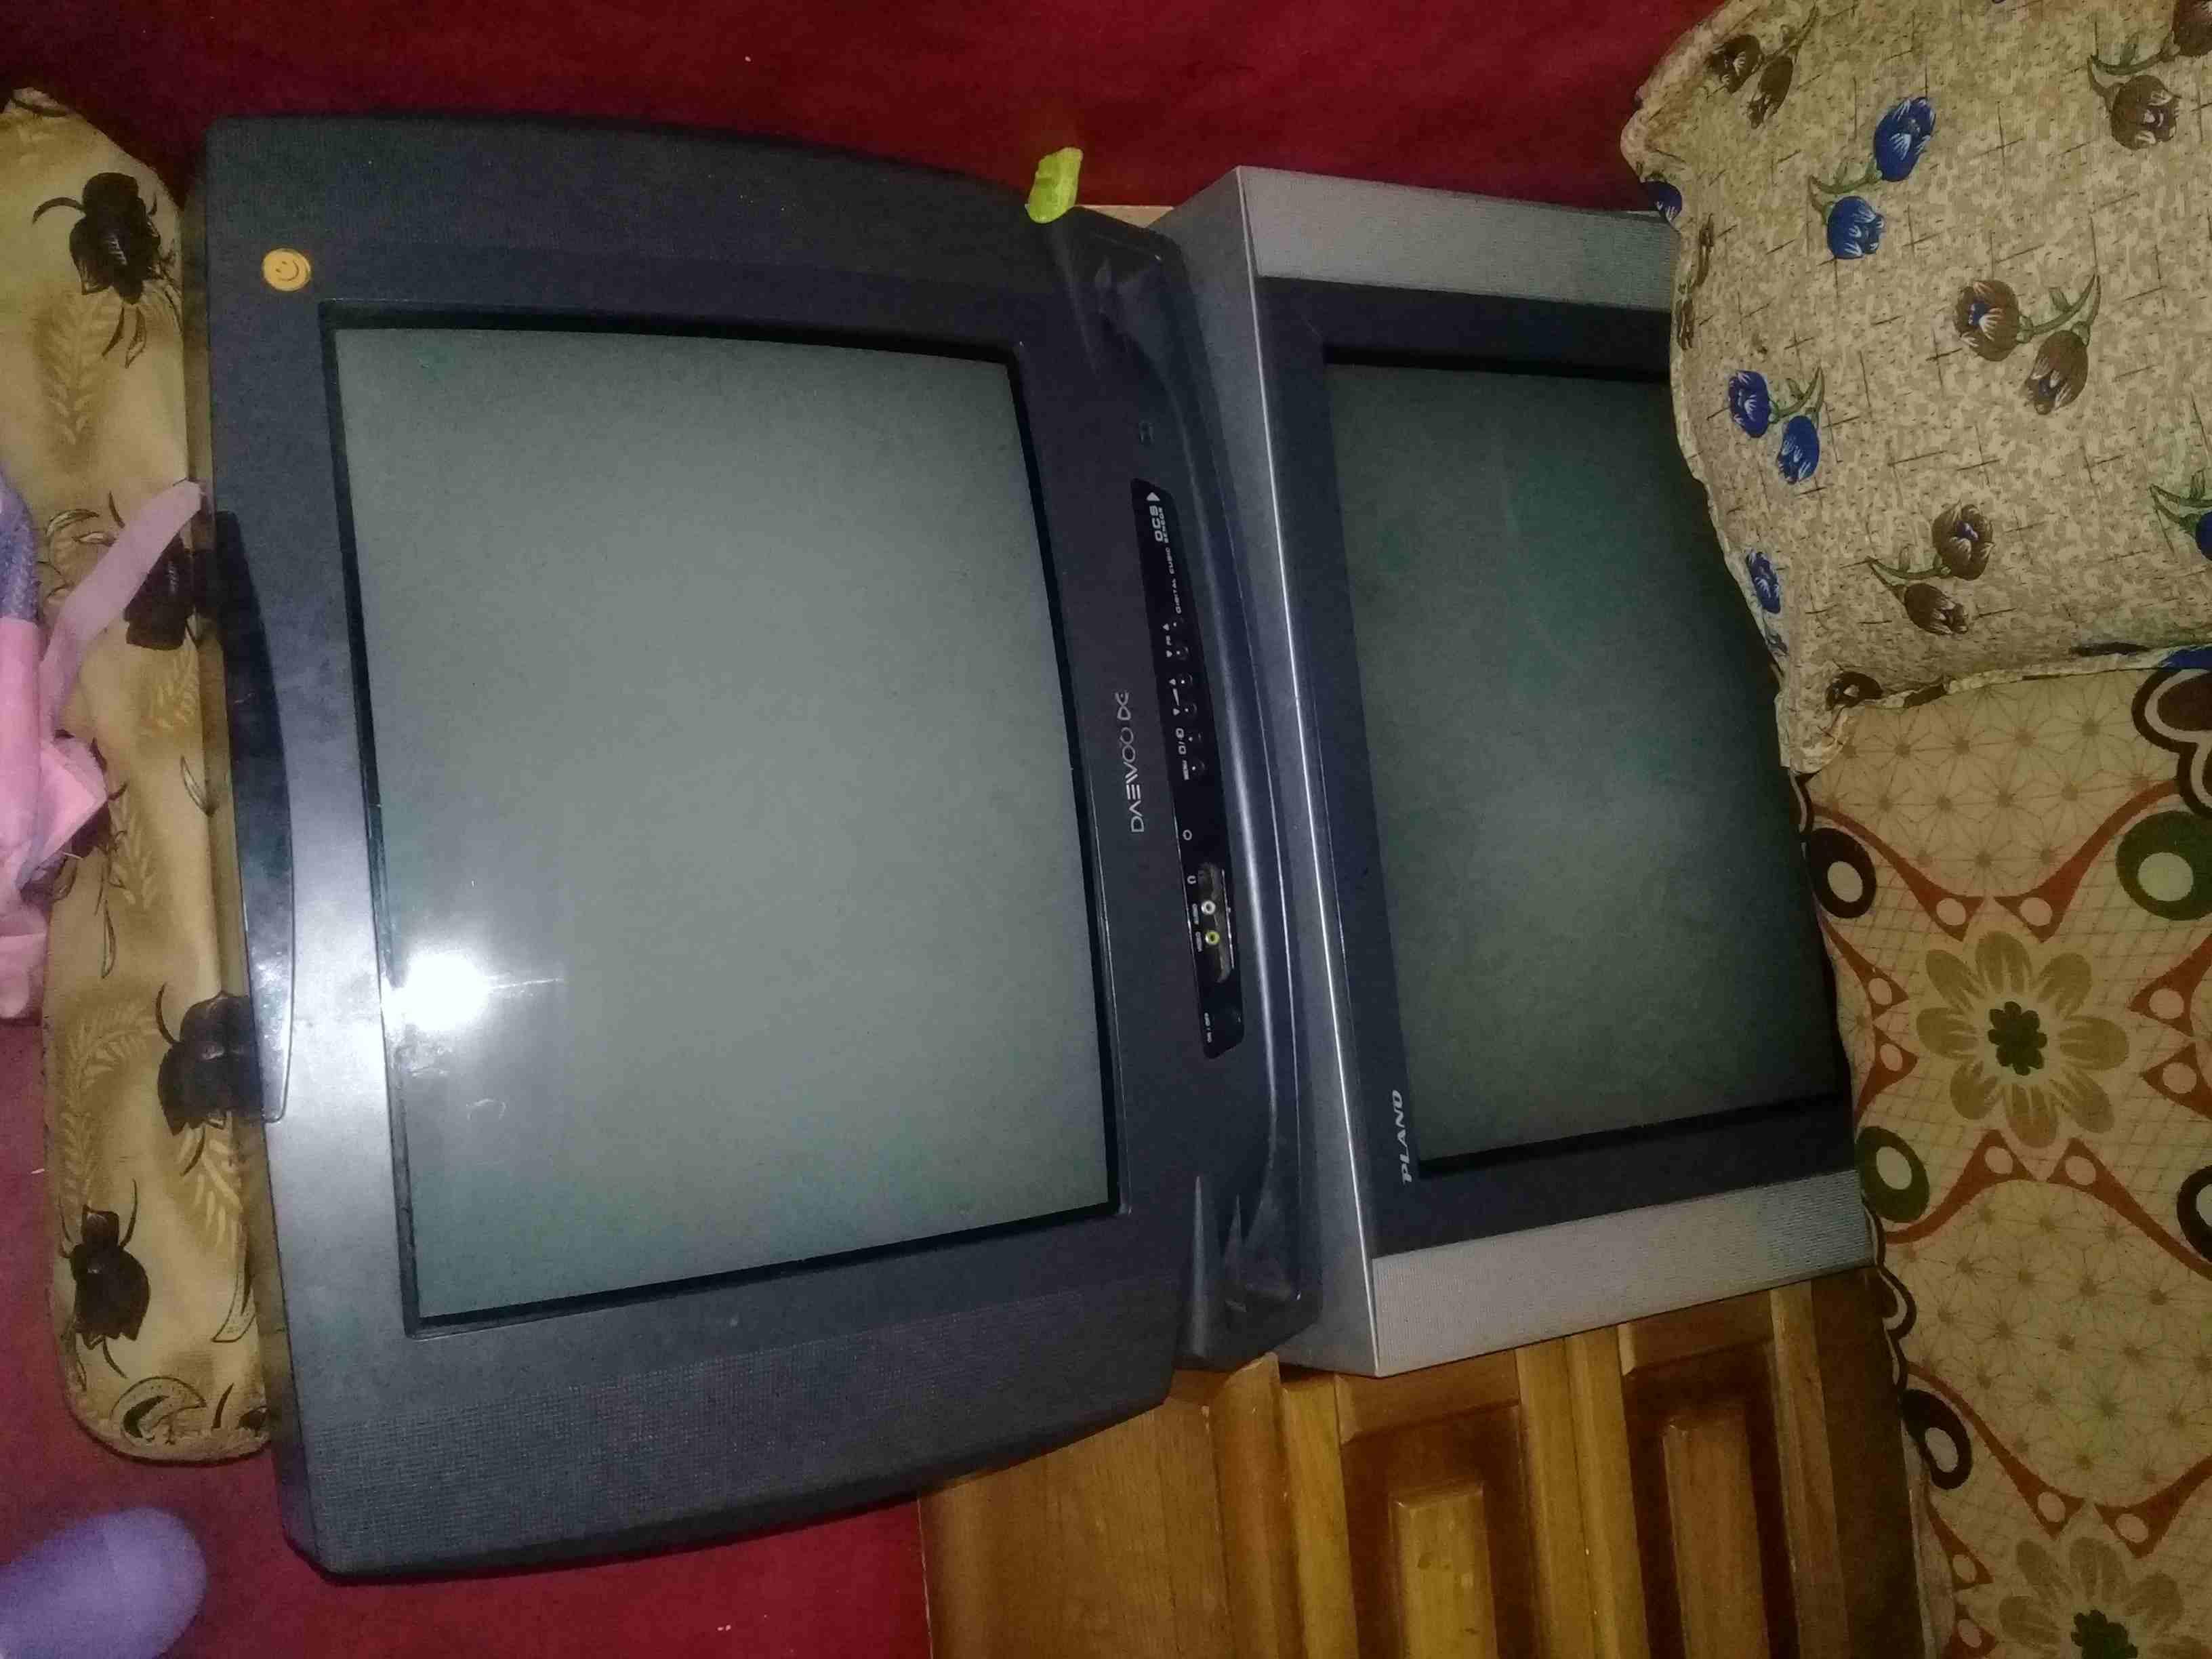 Tv for sale-  تلفزيون عدد 2 واحد...